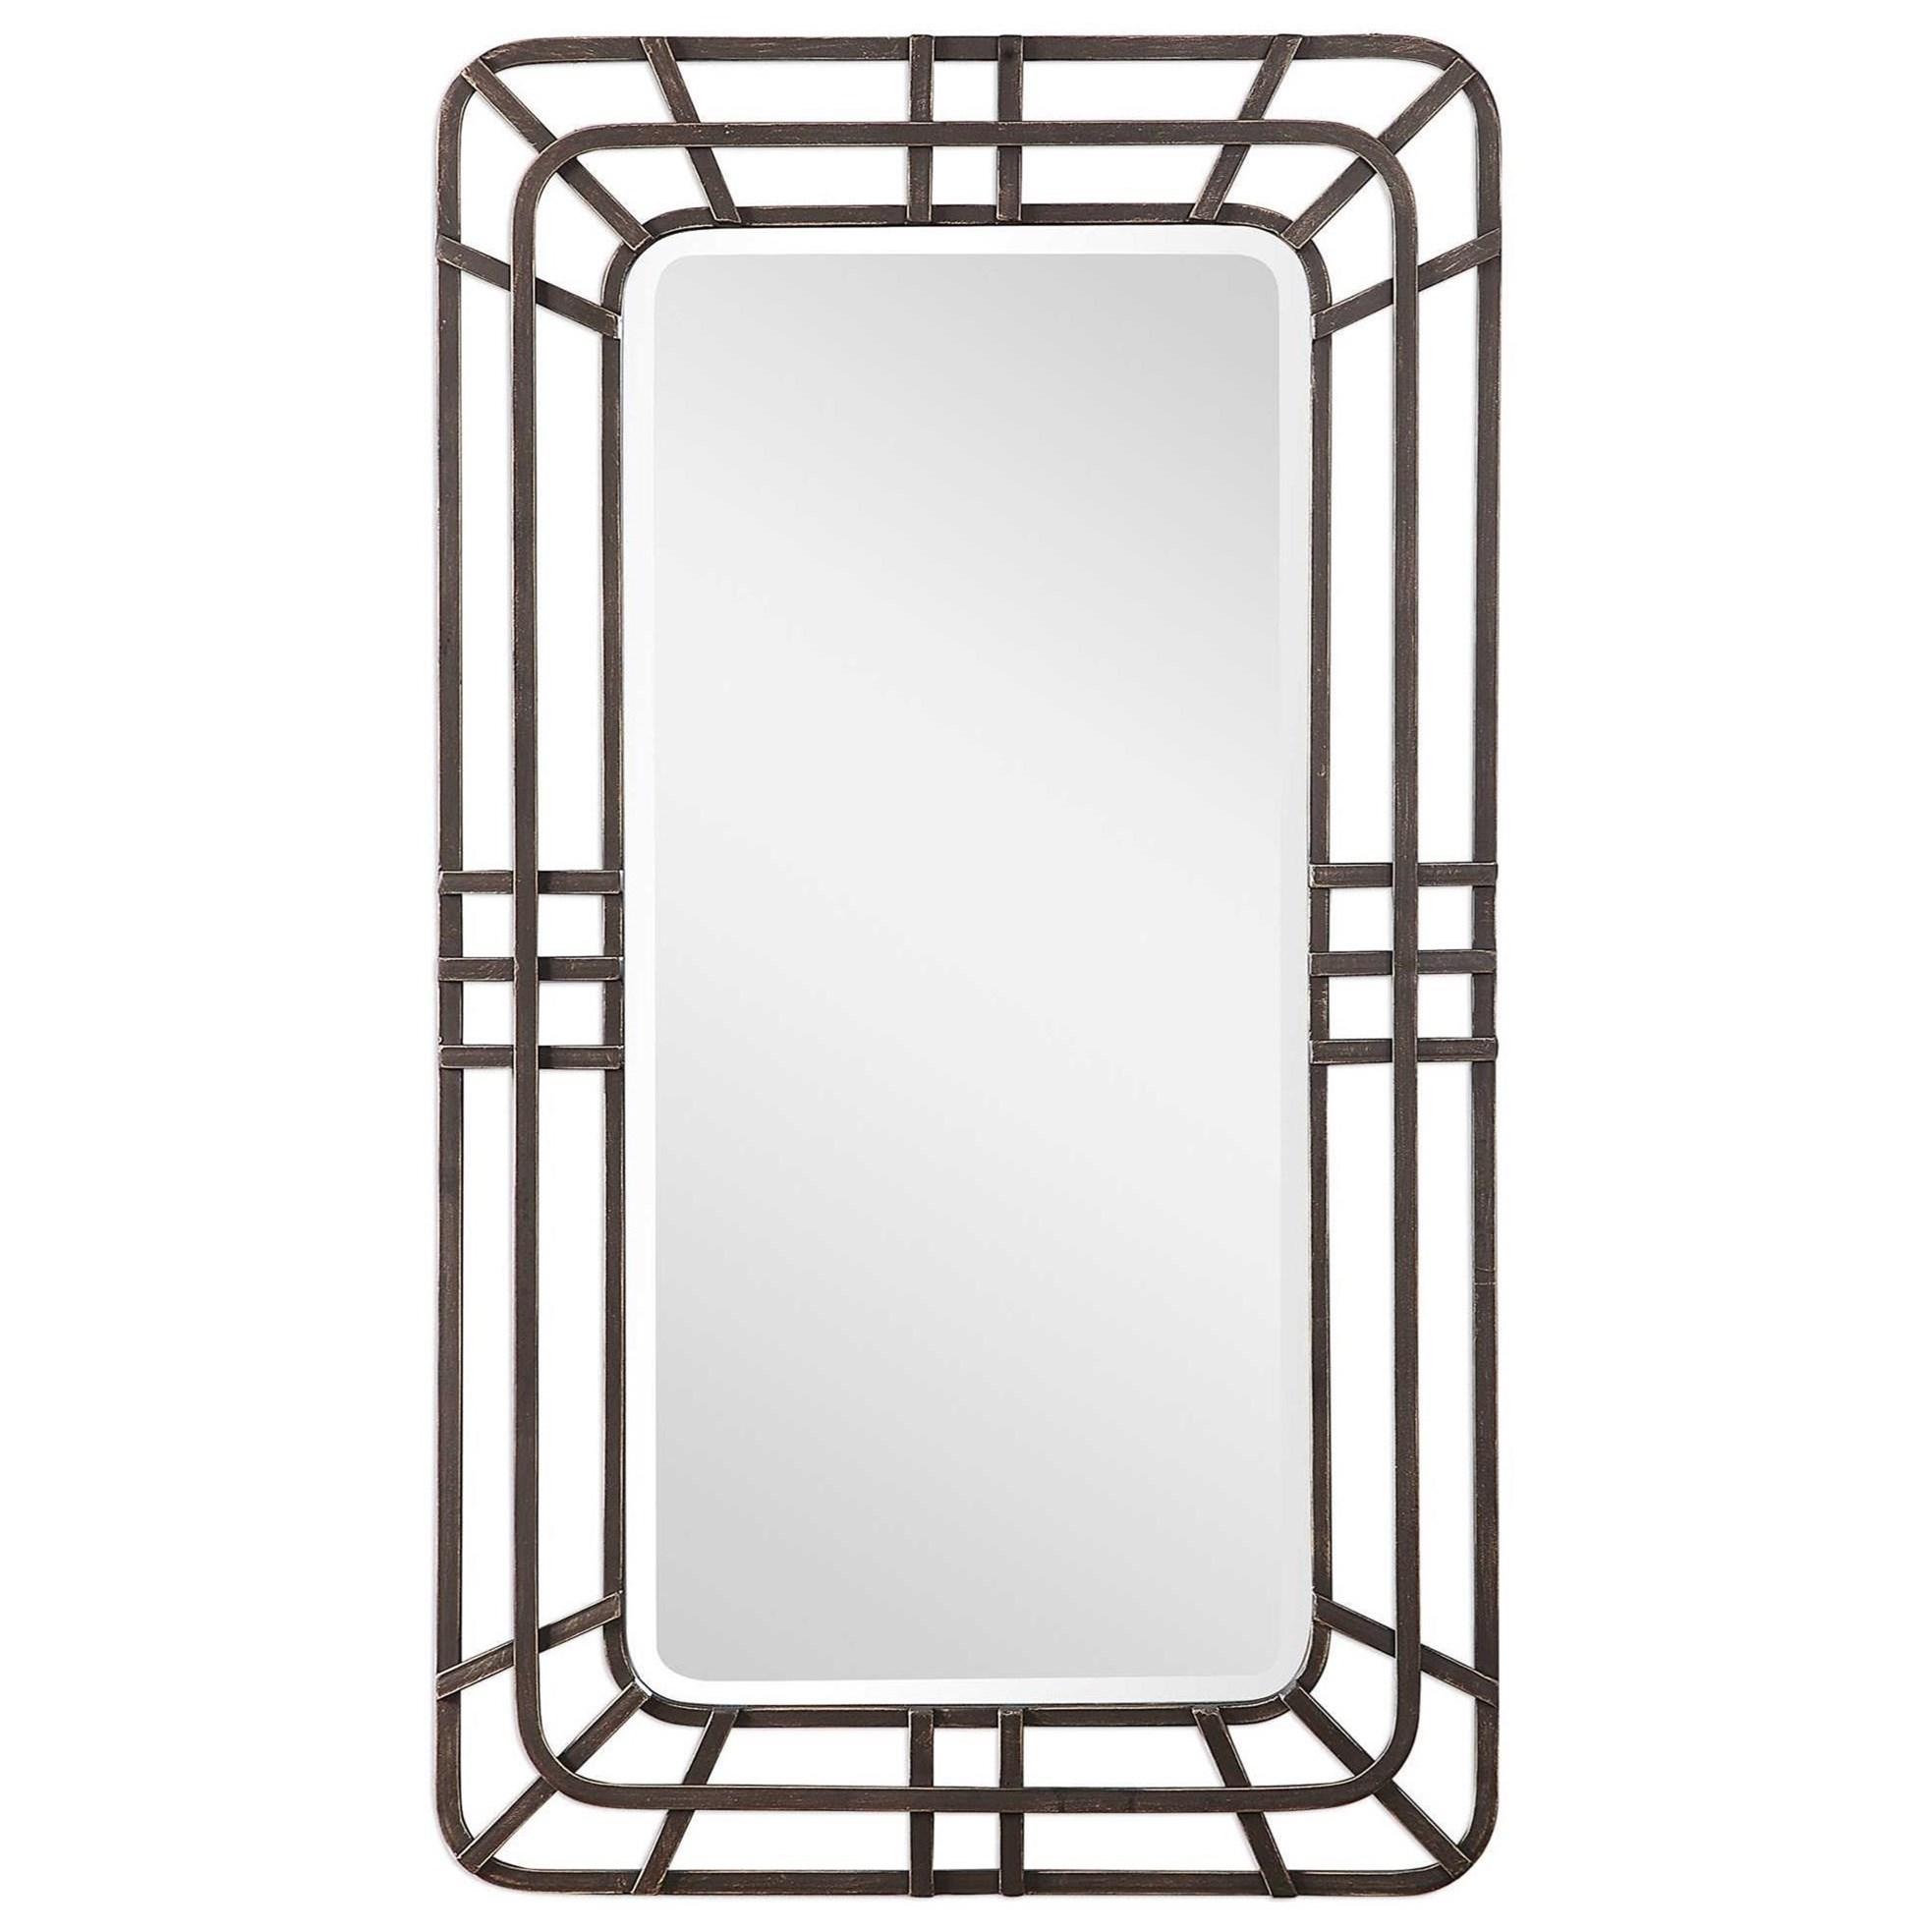 Alston Open Framed Iron Mirror